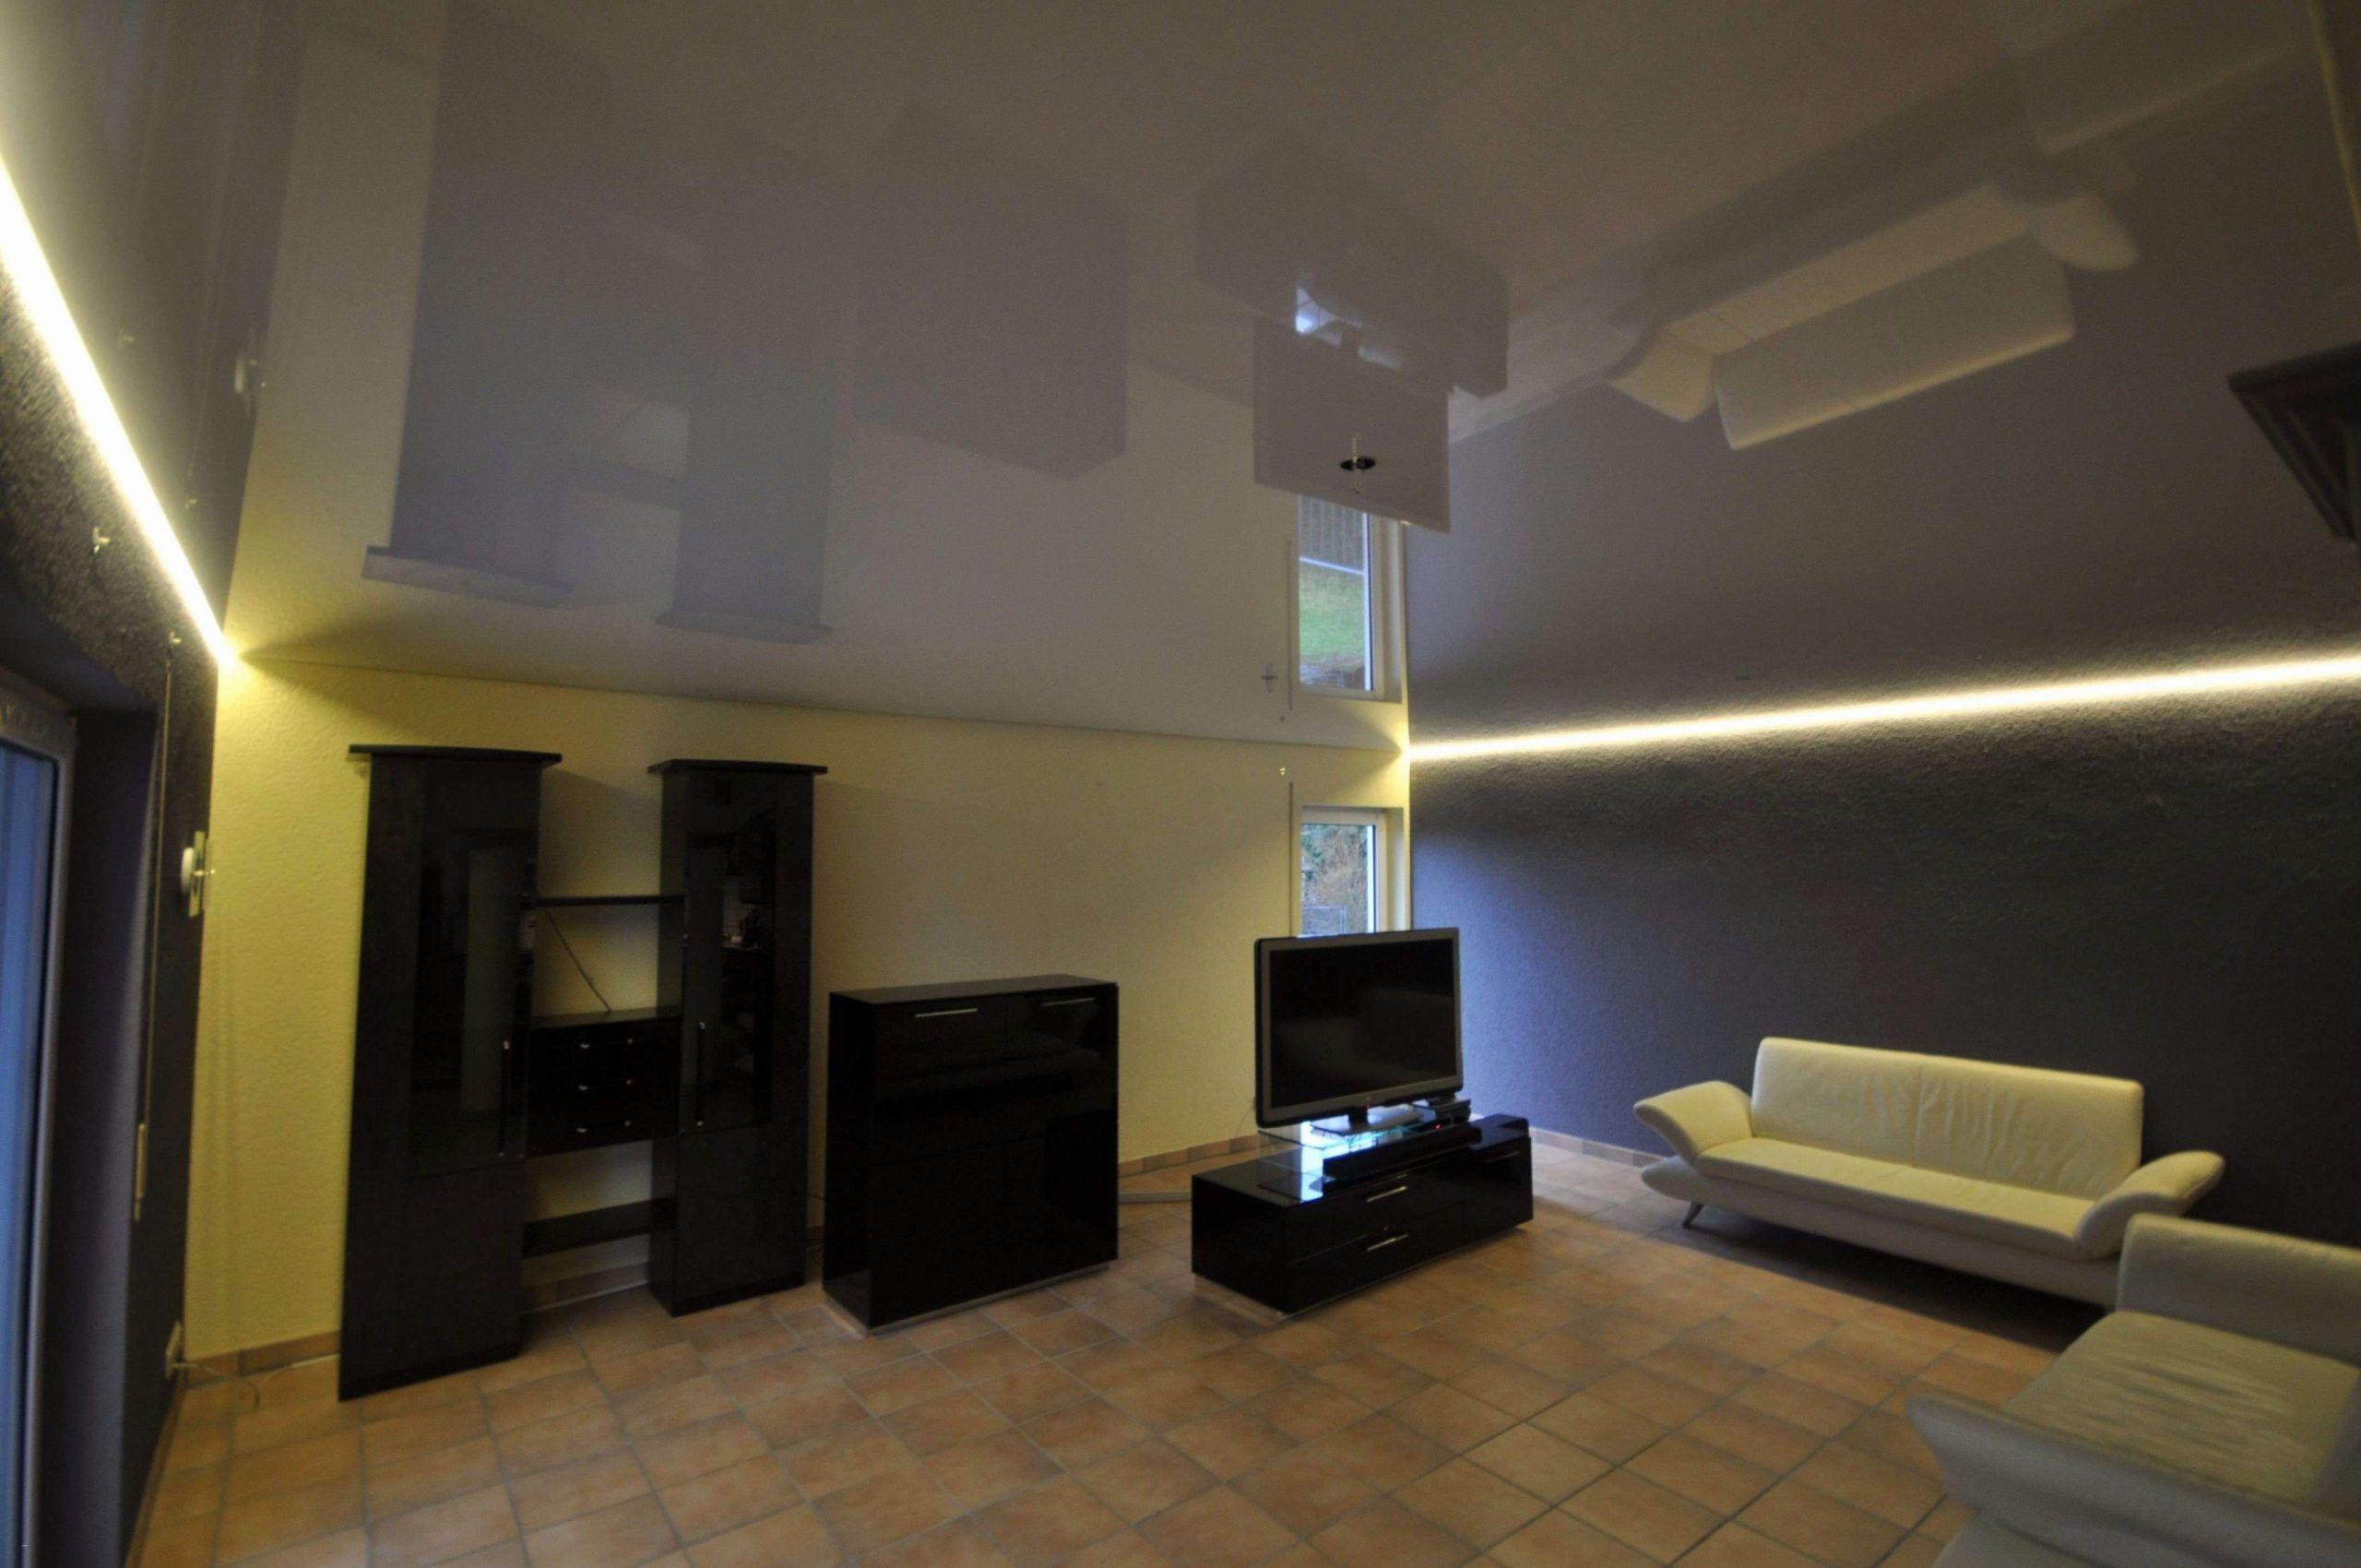 licht ideen wohnzimmer reizend wohnzimmer licht 0d design ideen von wohnzimmer lampen decke of licht ideen wohnzimmer